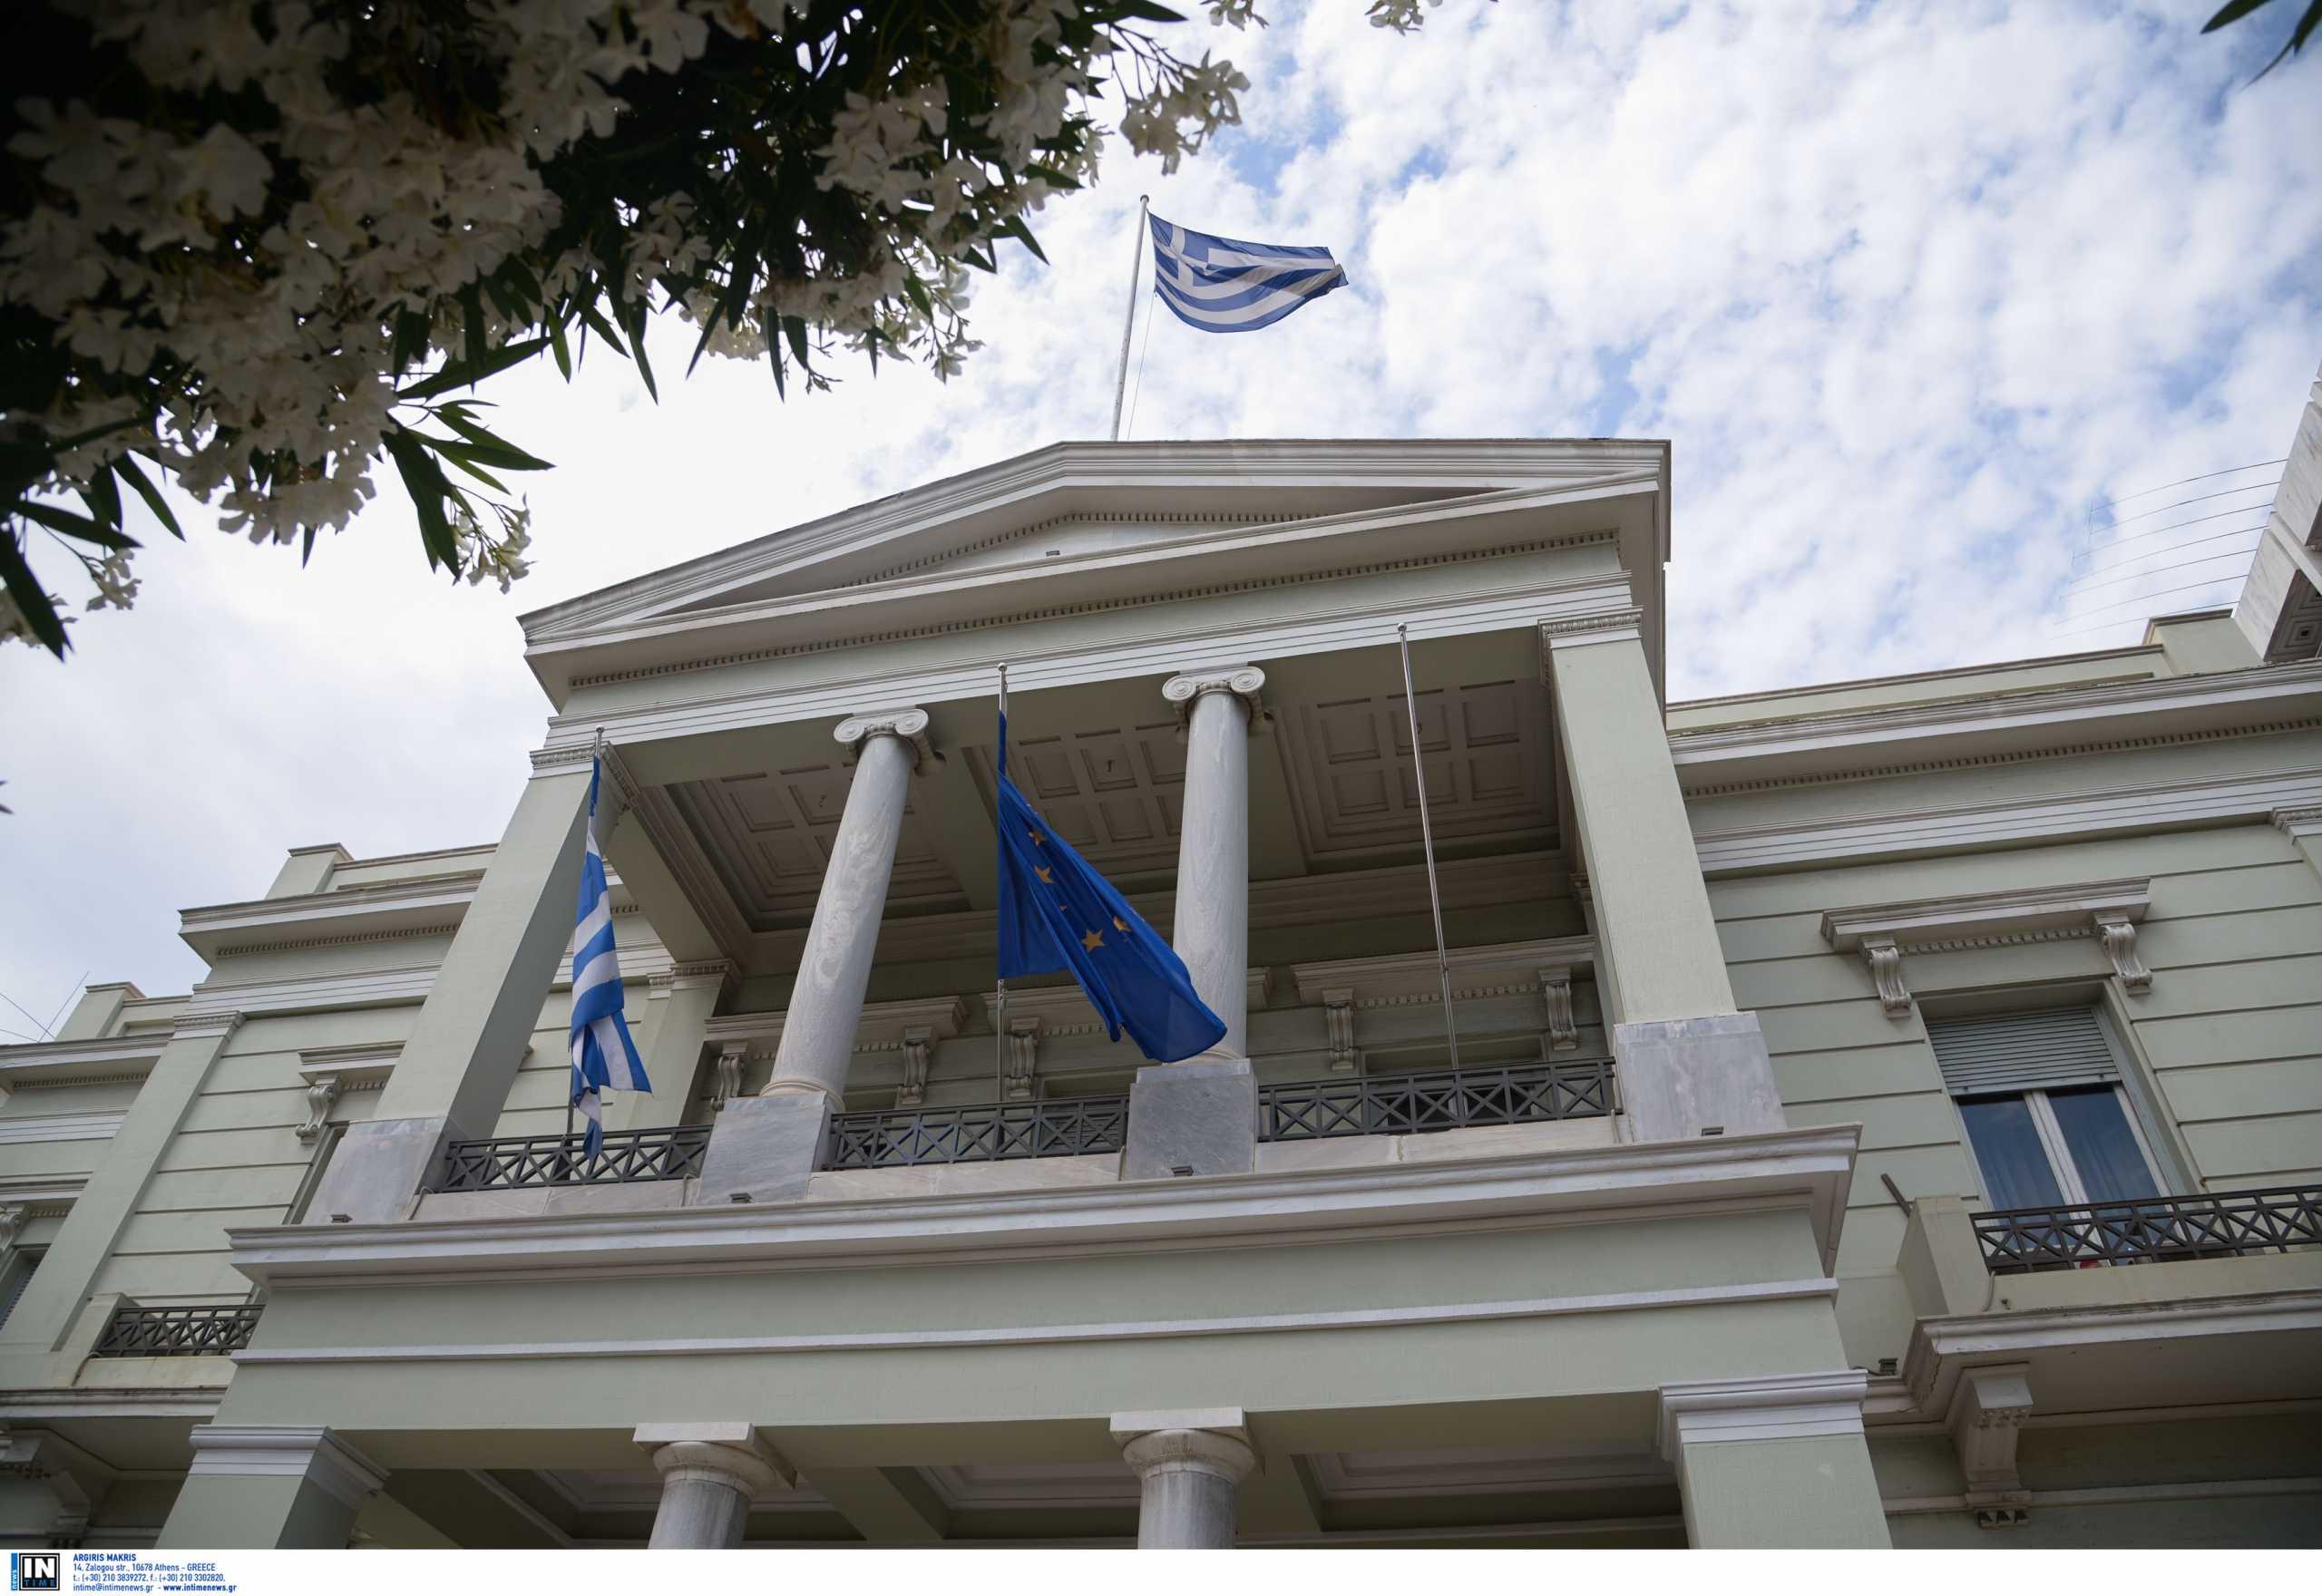 Αφγανιστάν: Στην Αθήνα ο πρώτος Έλληνας πολίτης που απεγκλωβίστηκε από την Καμπούλ